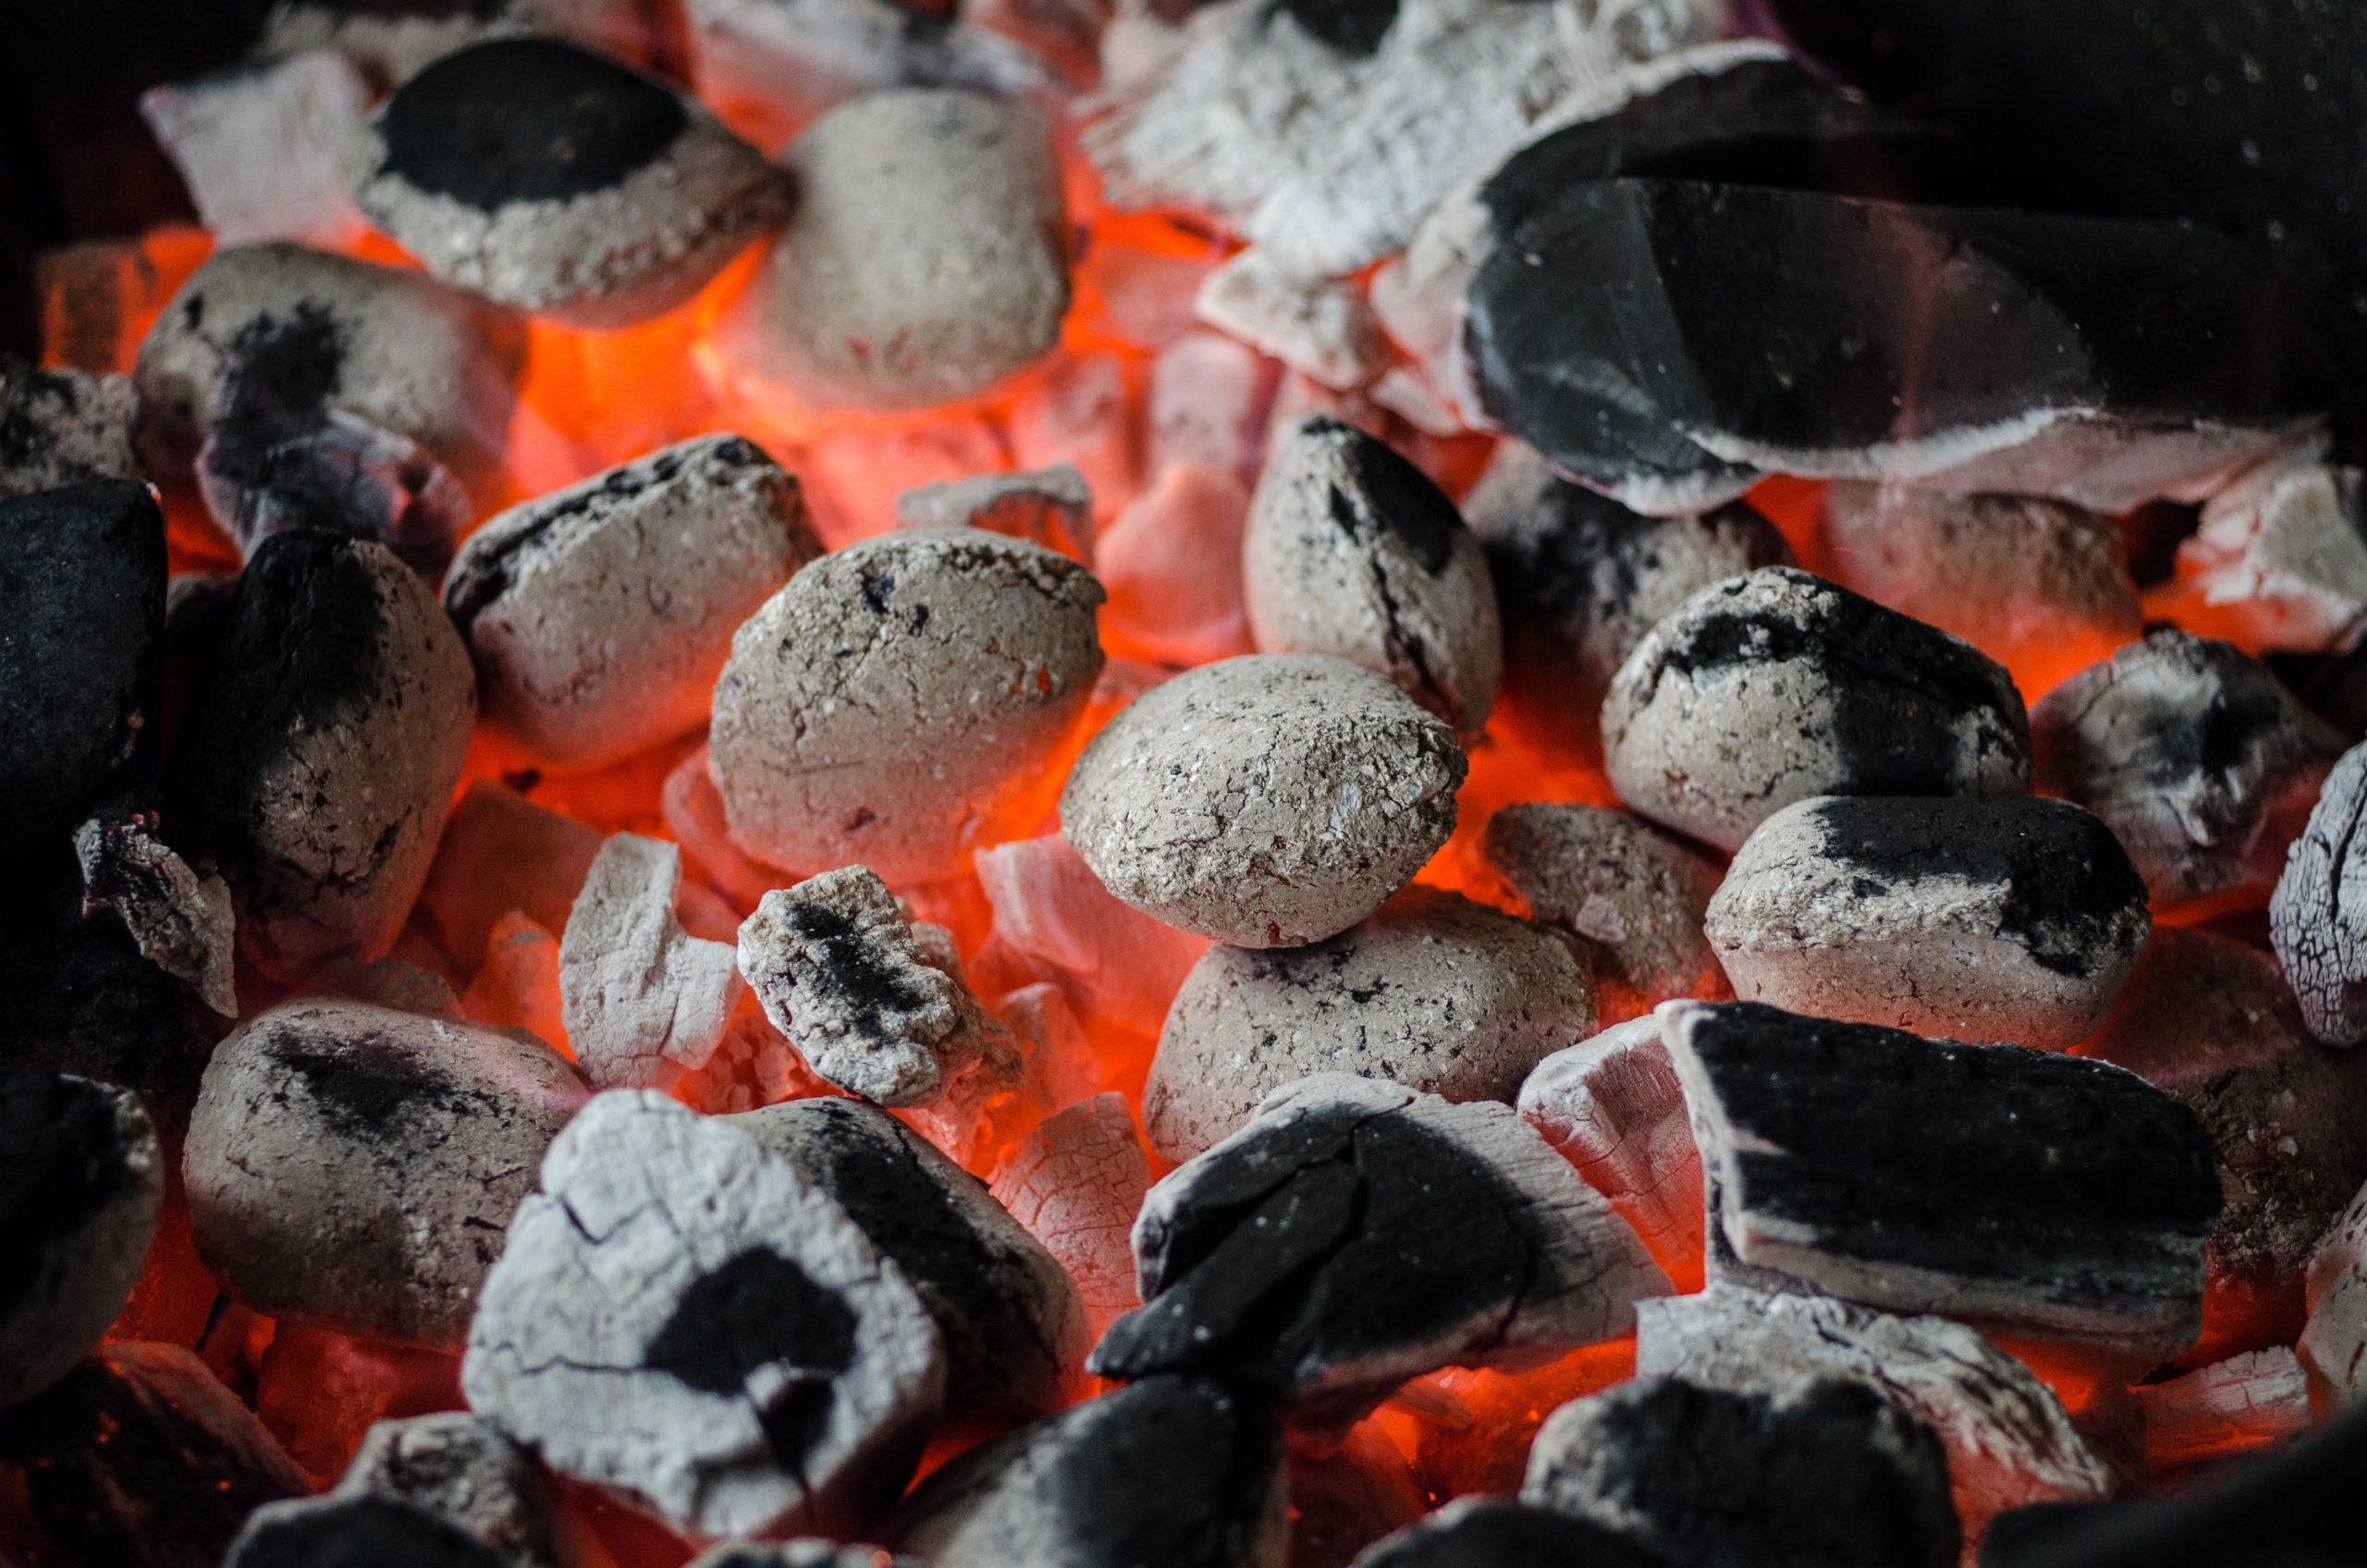 Le charbon et l'hygiène dentaire